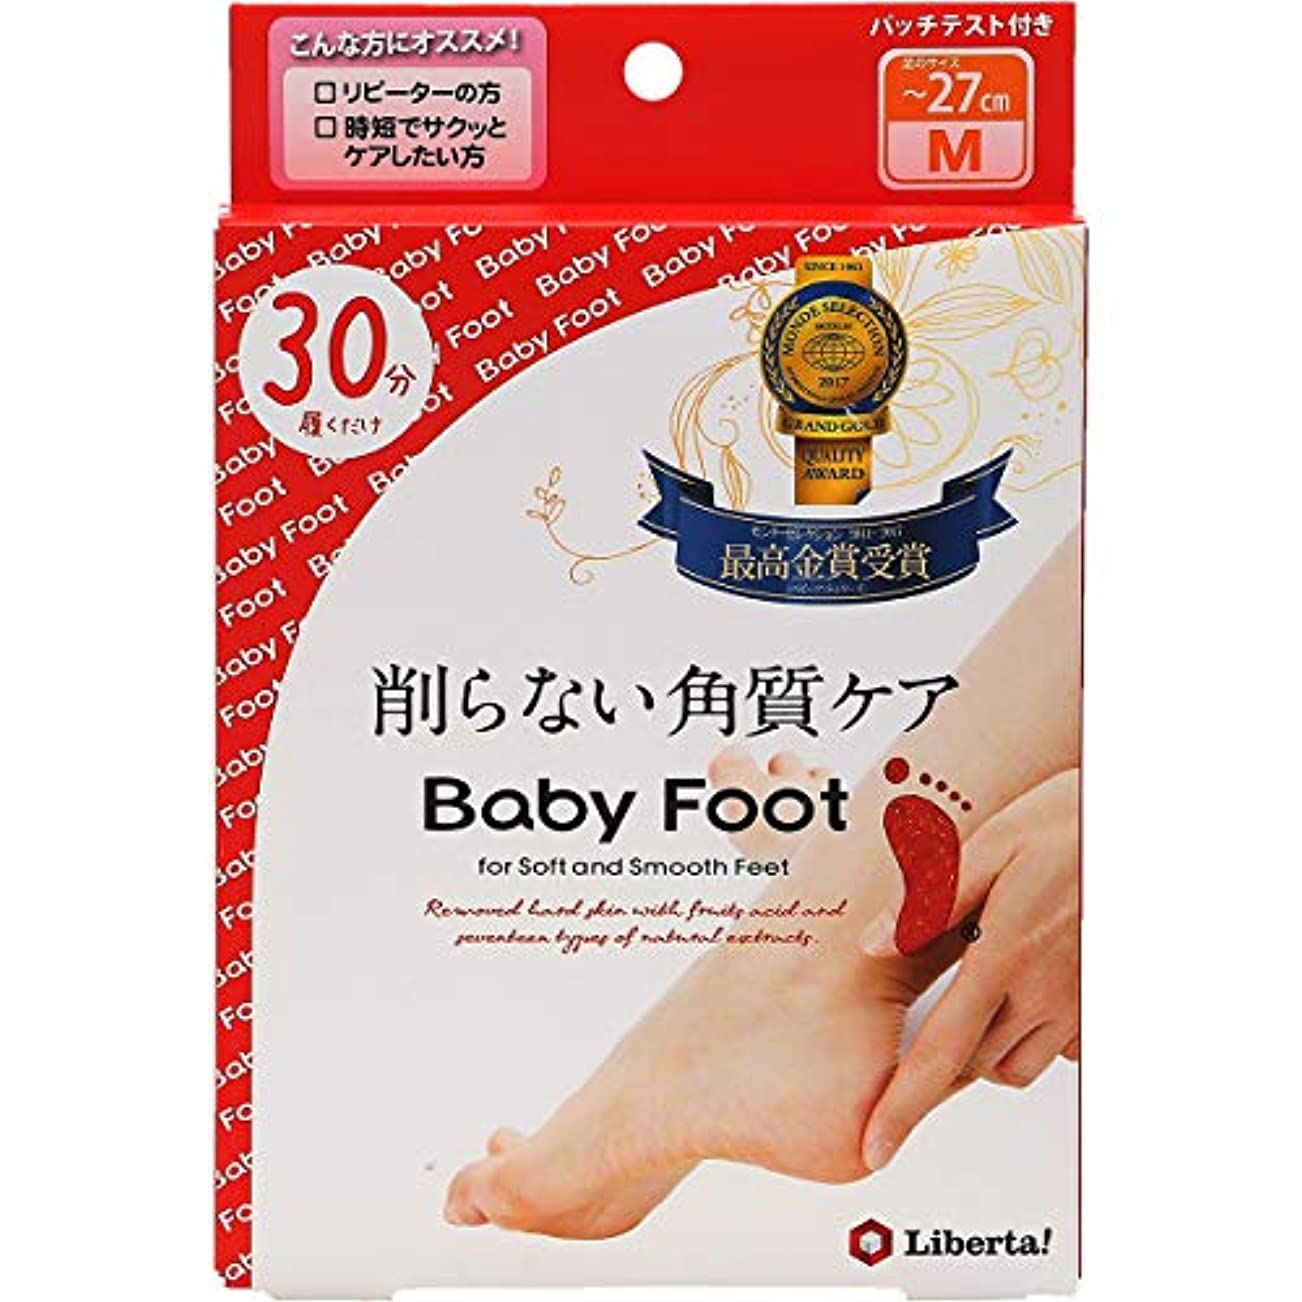 モンクバクテリア粘着性ベビーフット (Baby Foot) ベビーフット イージーパック30分タイプ Mサイズ 単品